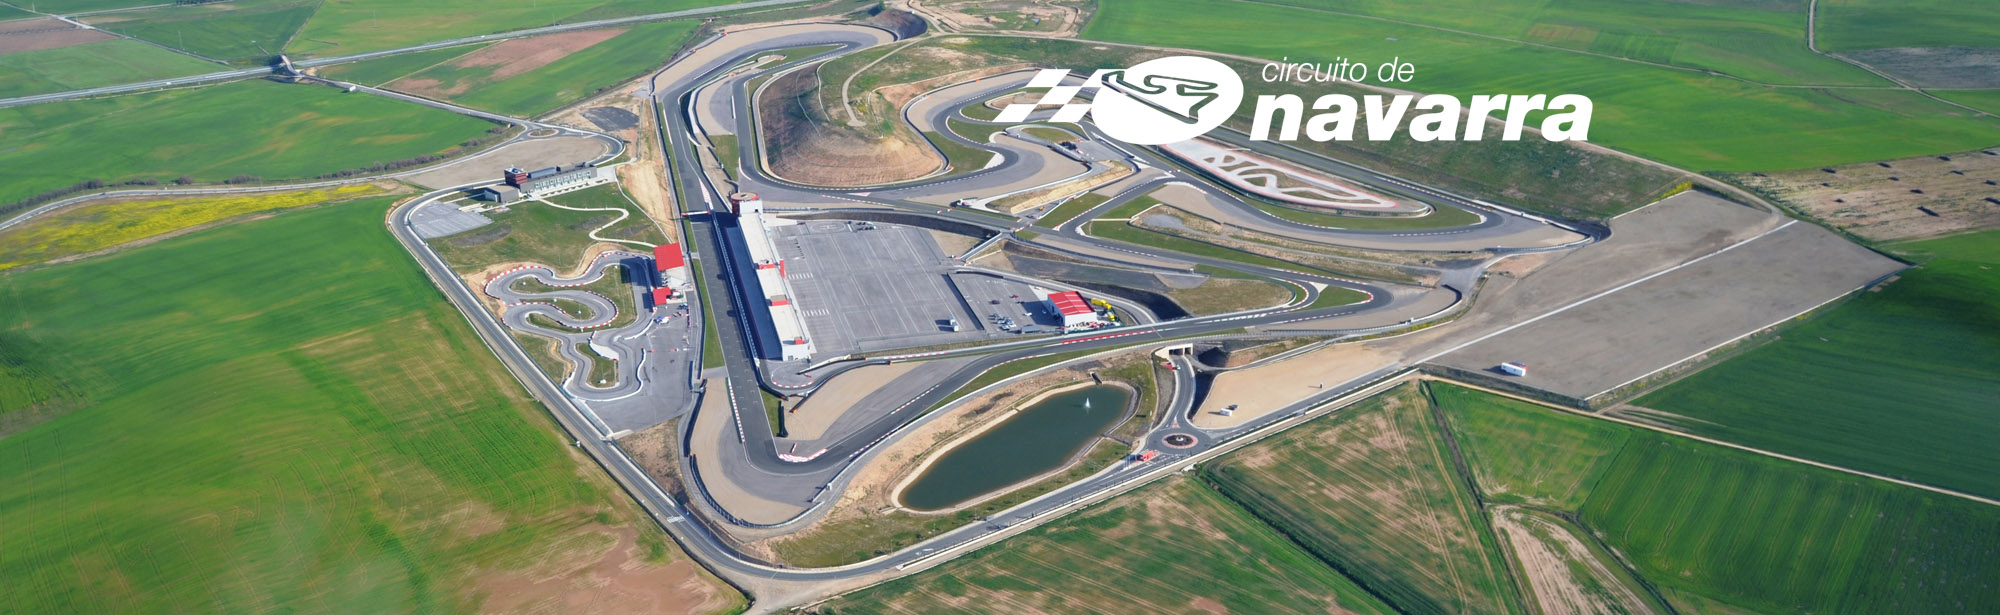 Circuito Los Arcos : El circuito de los arcos acogerá el campeonato del mundo de